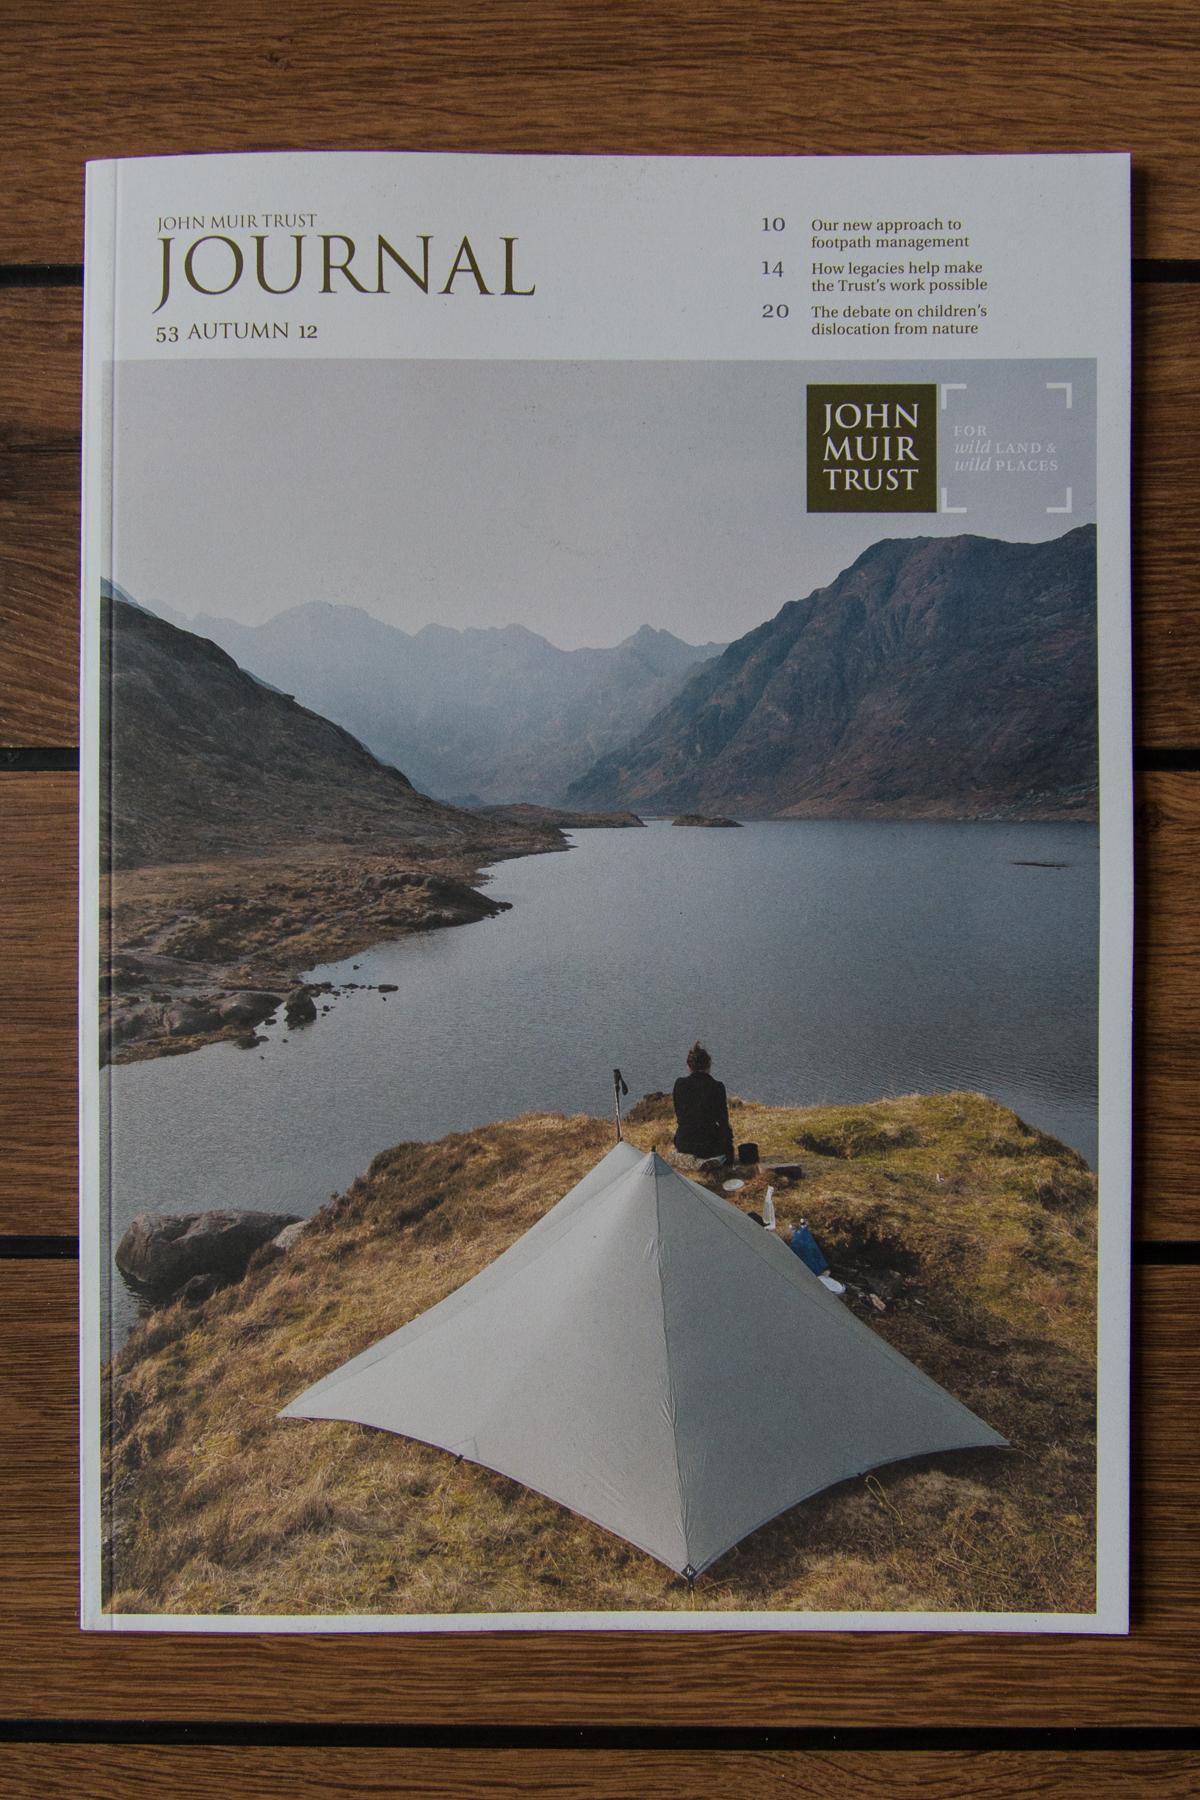 John Muir Trust Journal: cover